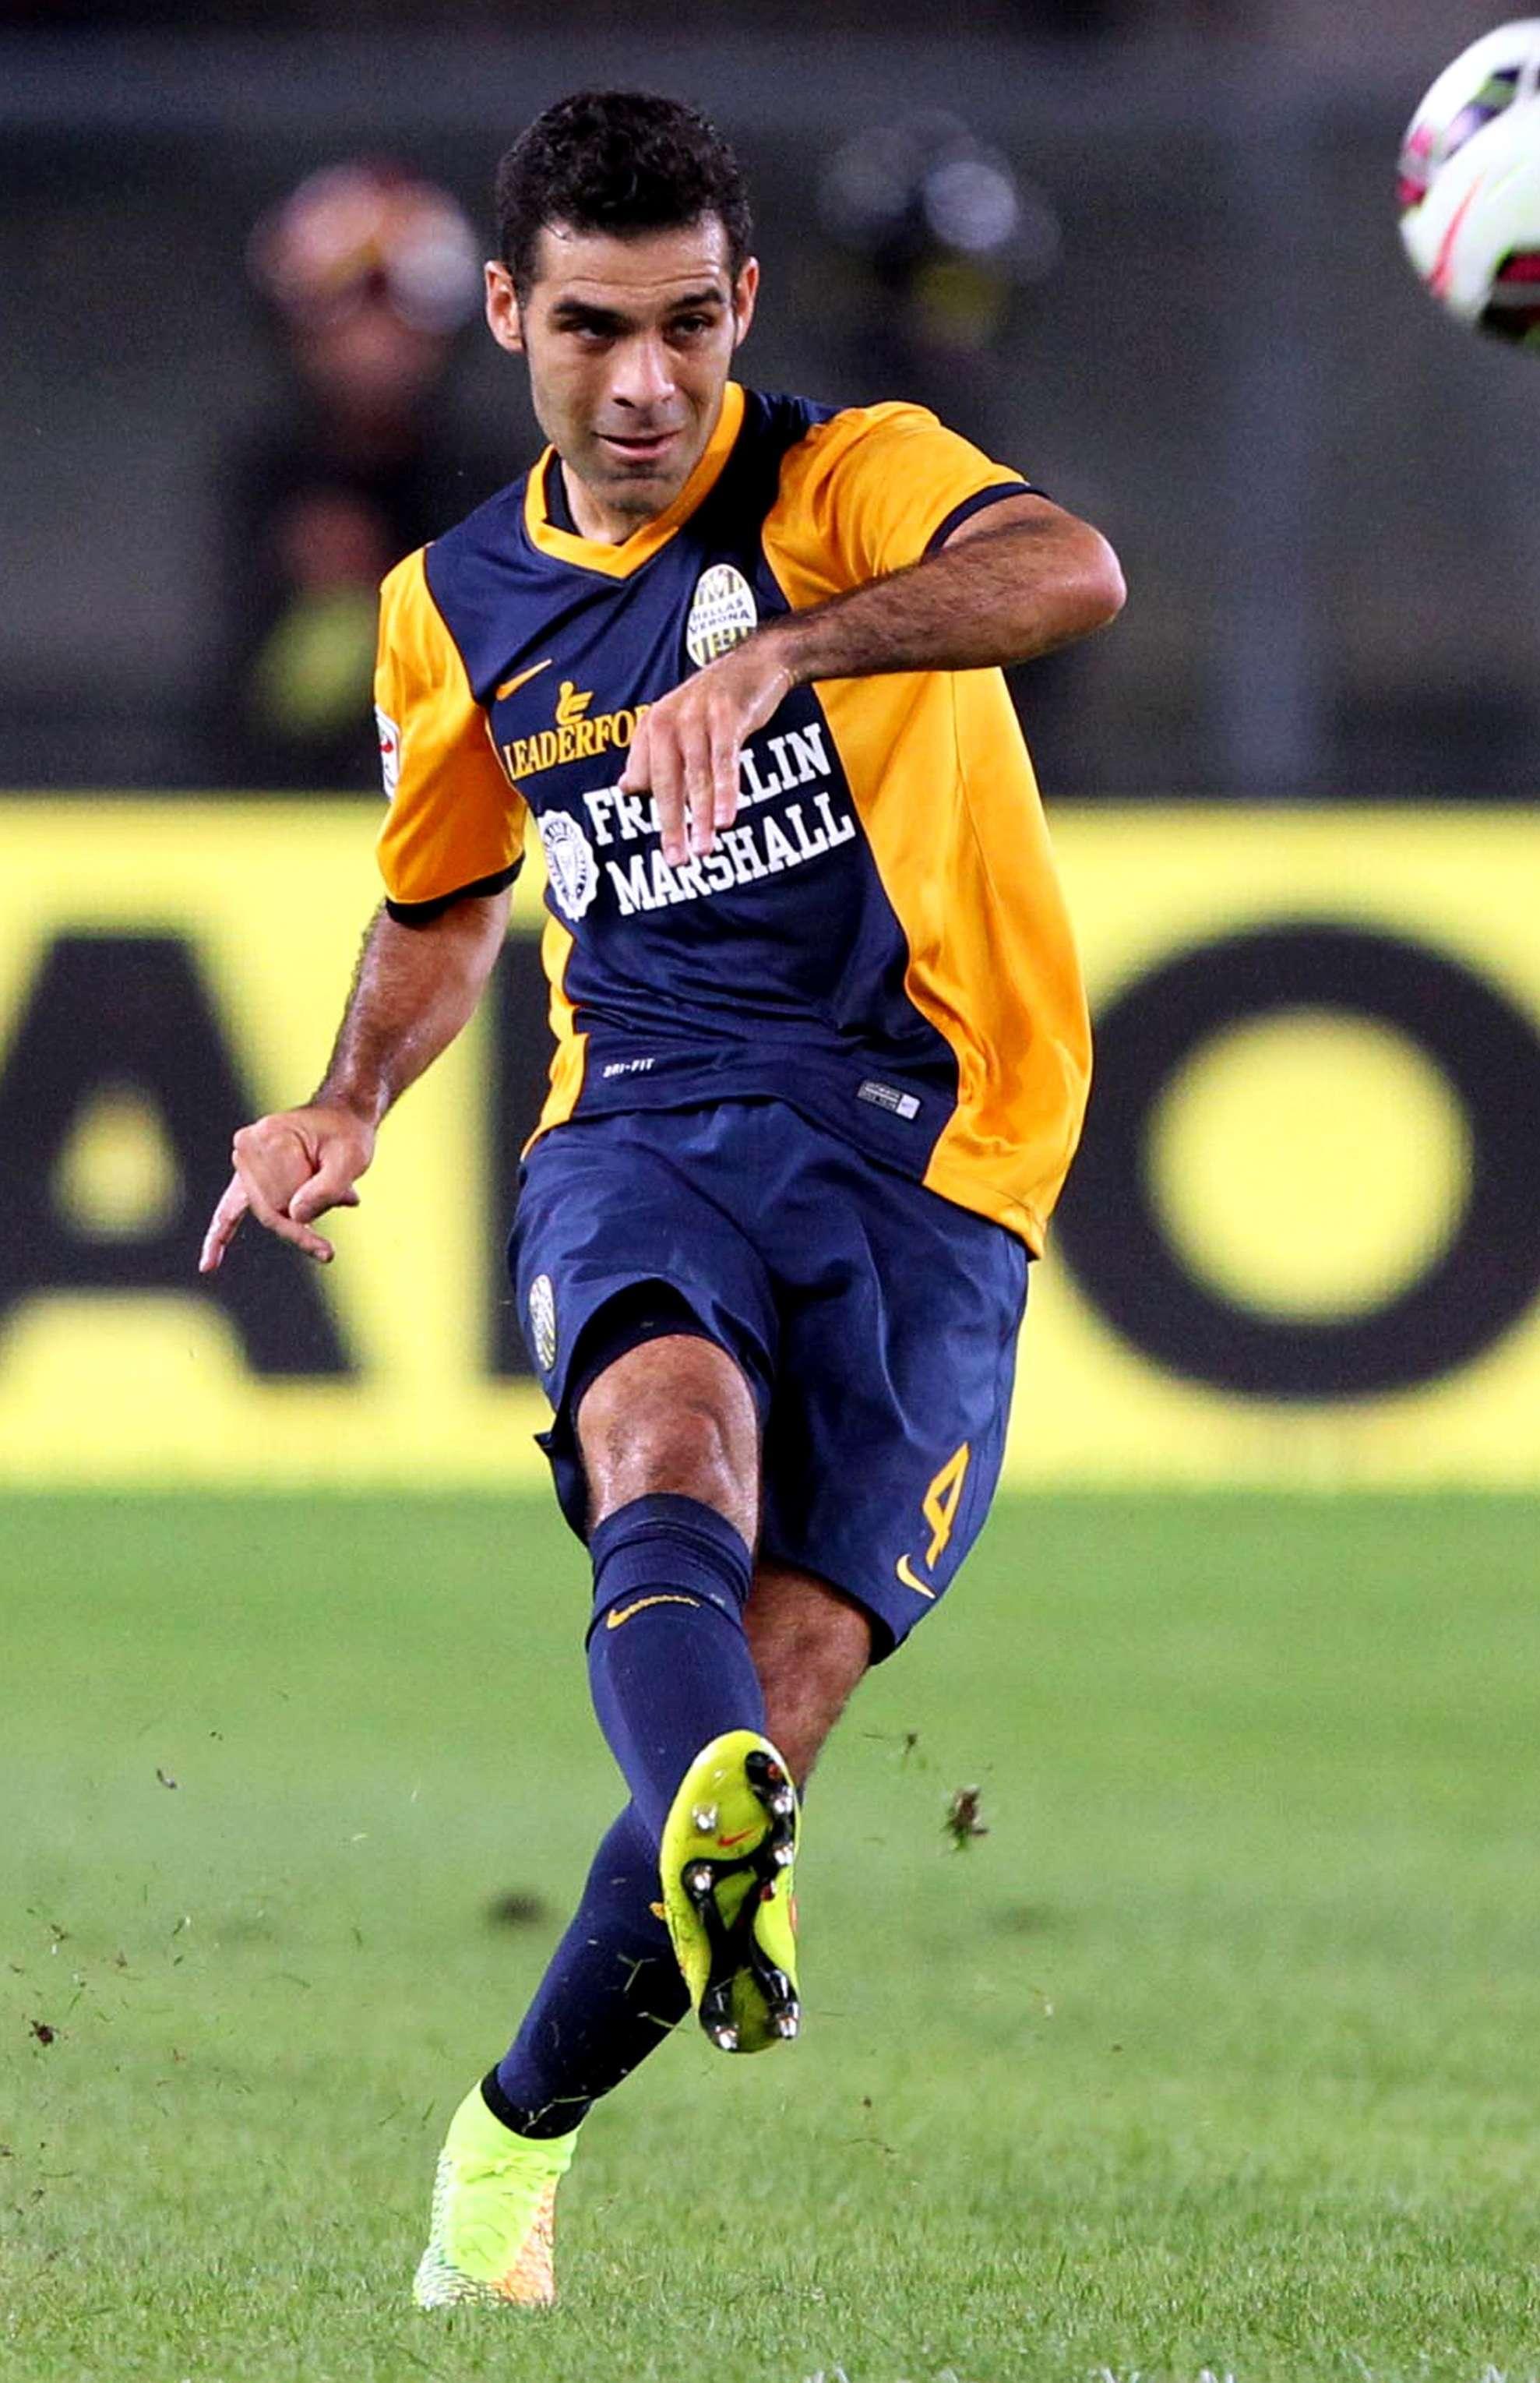 Rafael Márquez es titular con el Hellas Verona en la Serie A de Italia. Foto: Mexsport